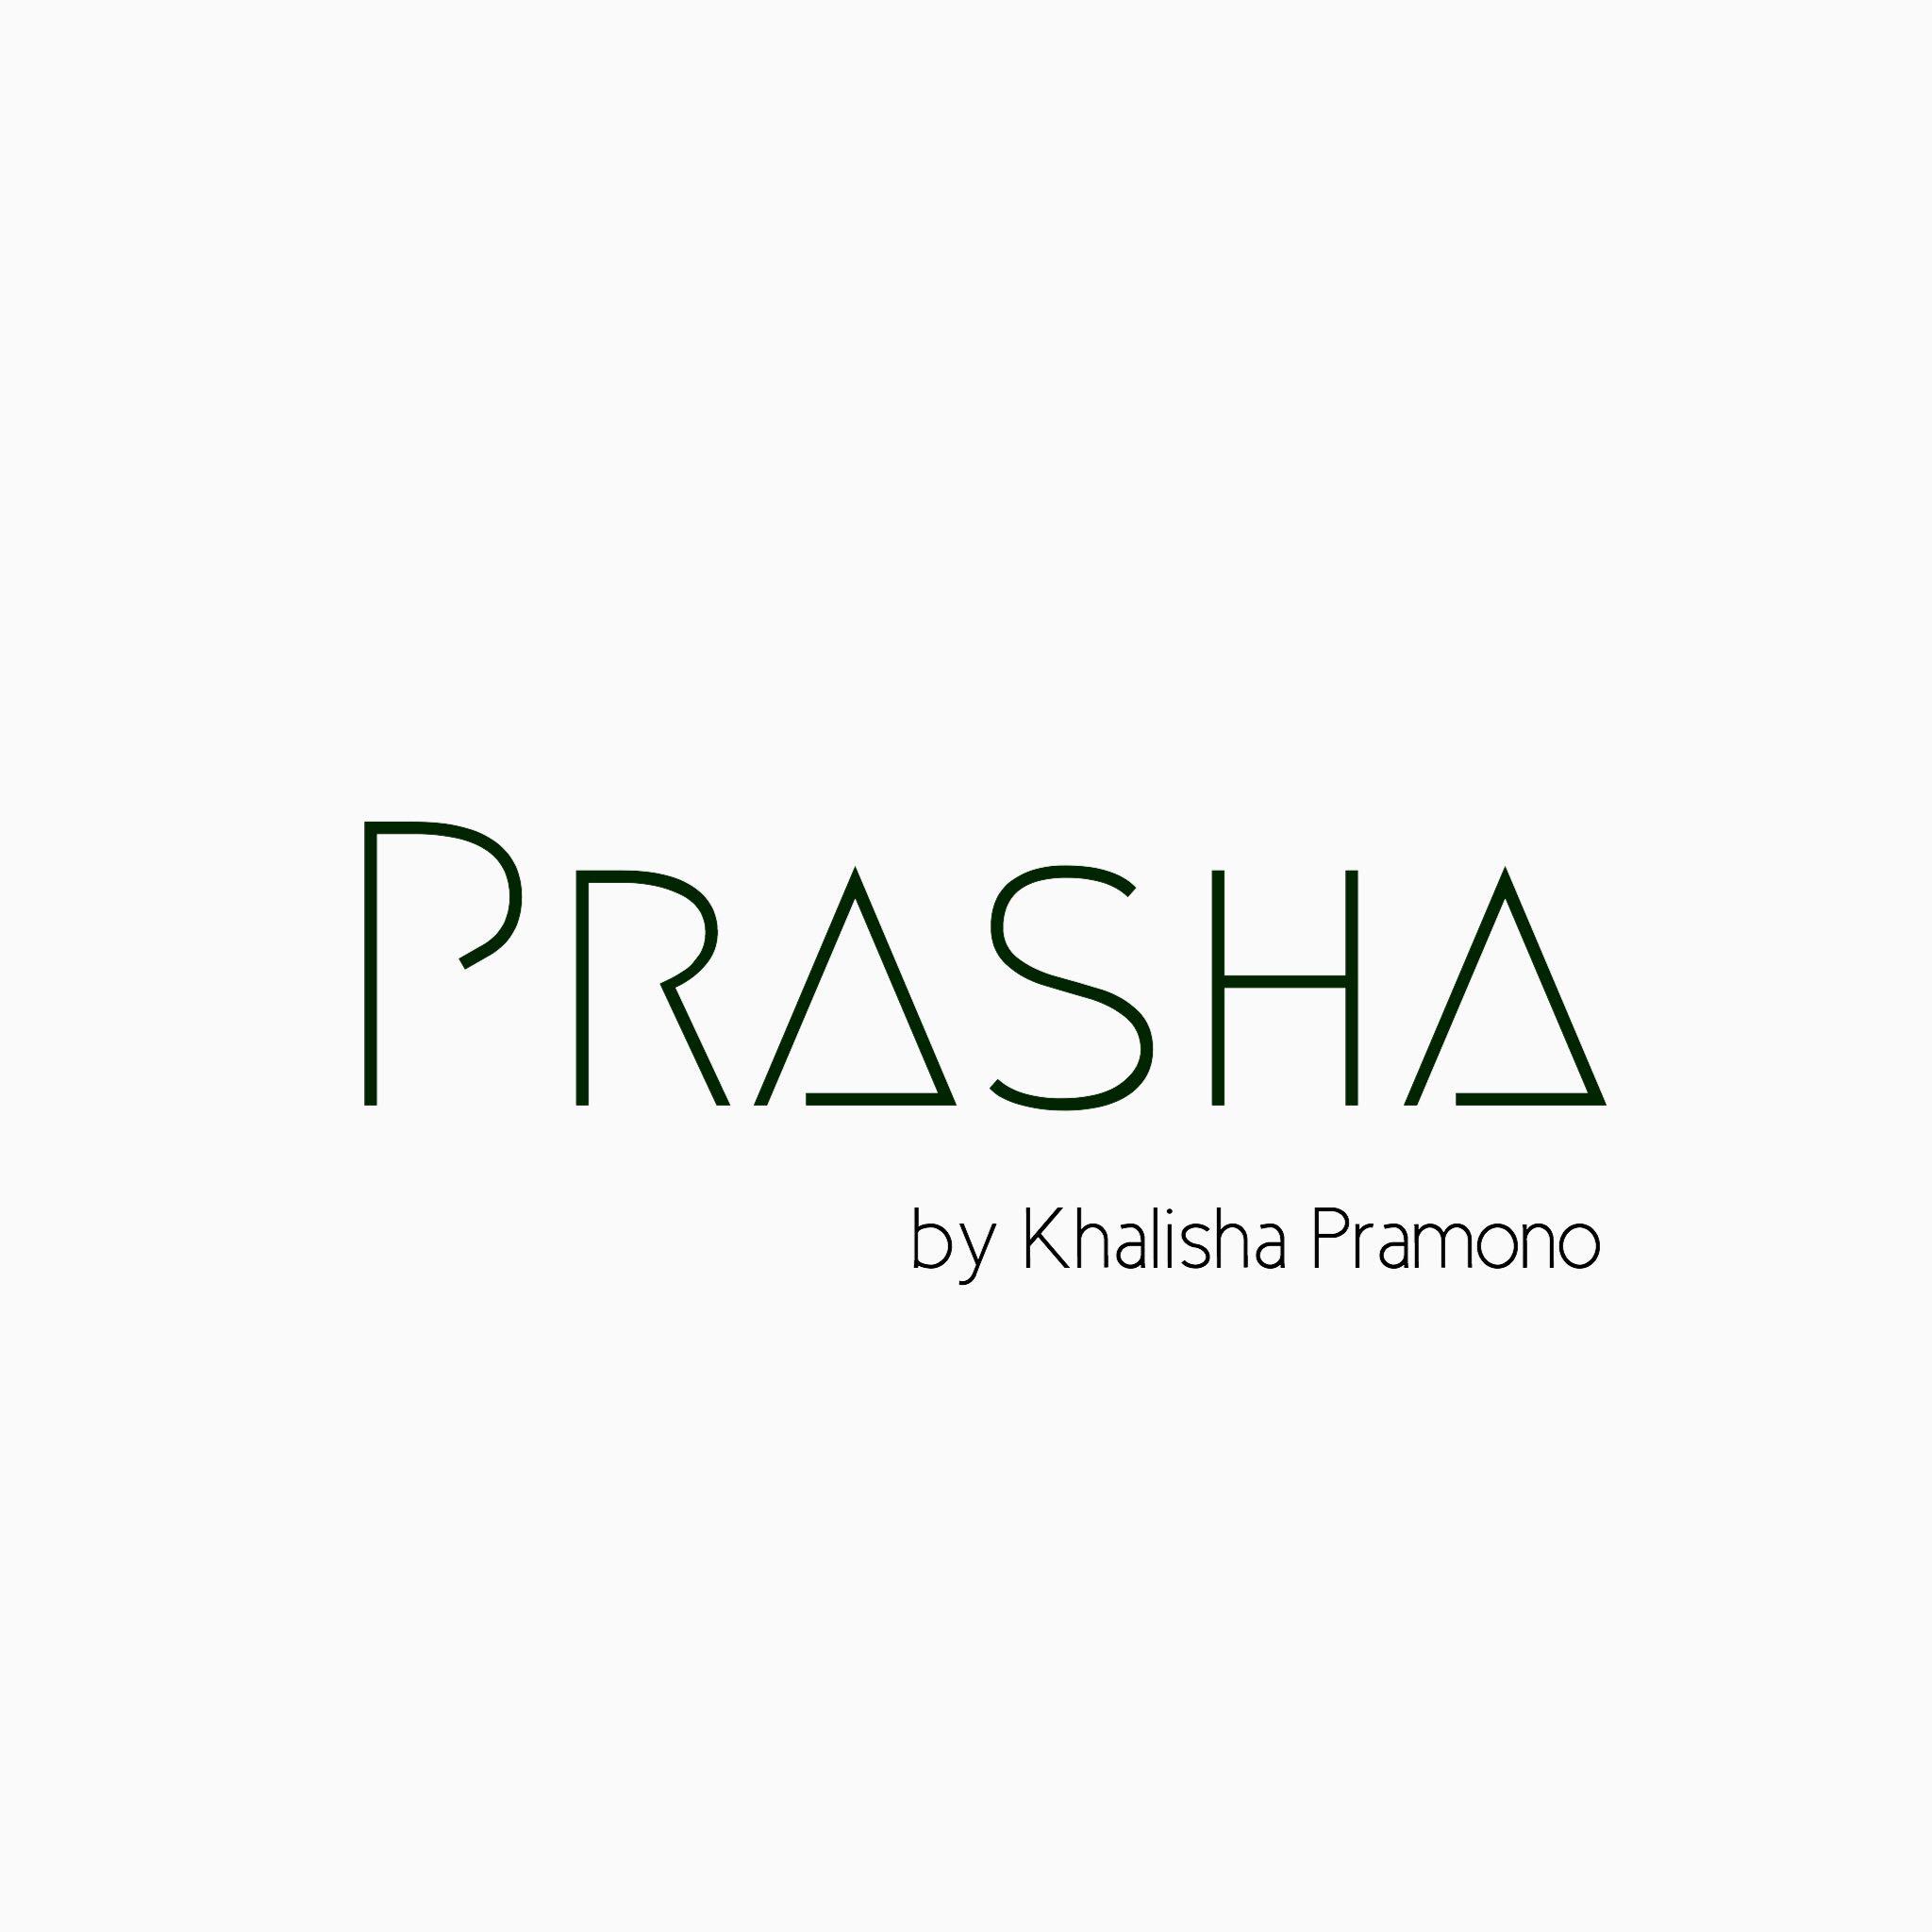 prashaofficial